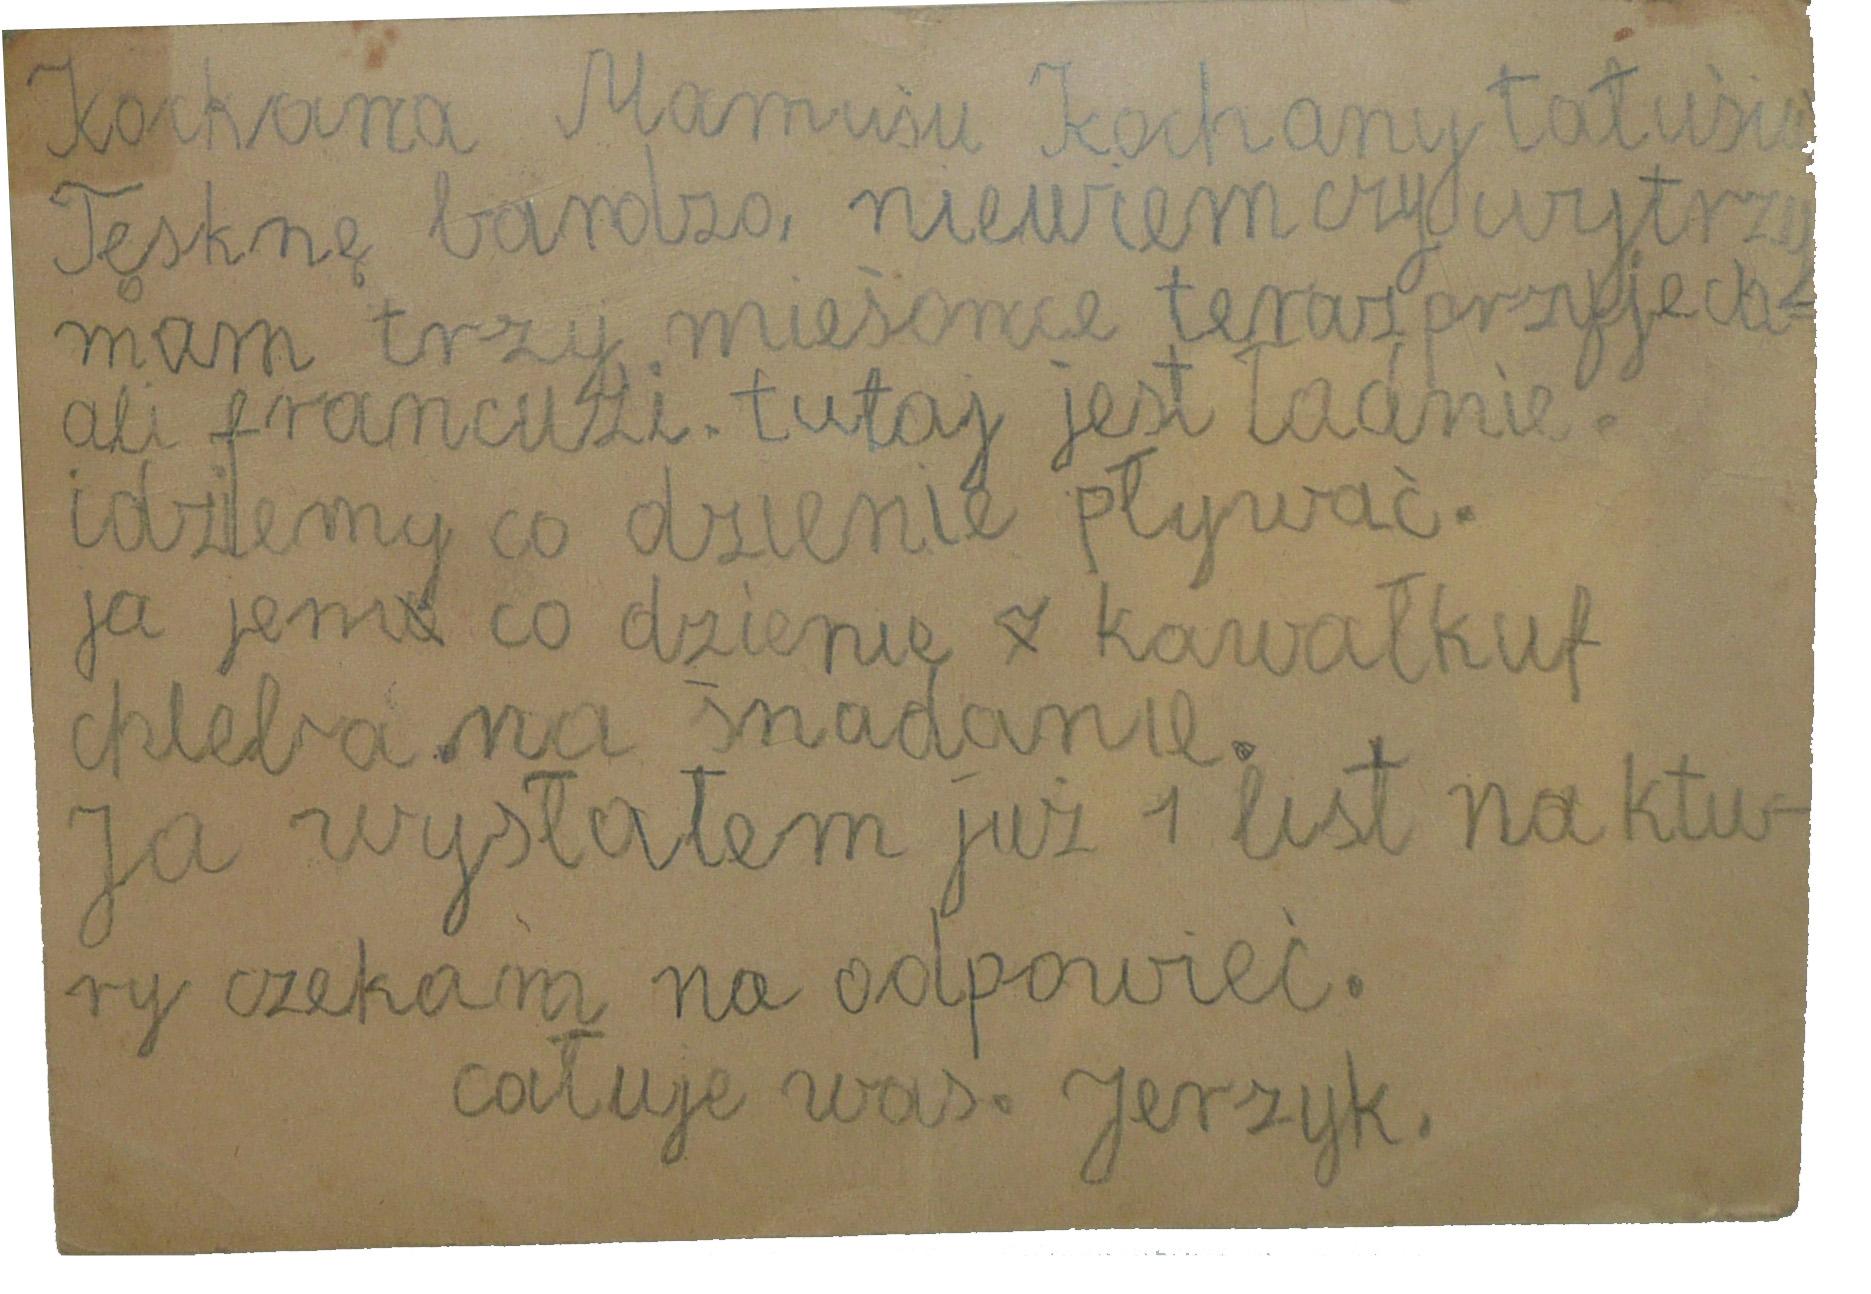 4. George Torrey Postcard